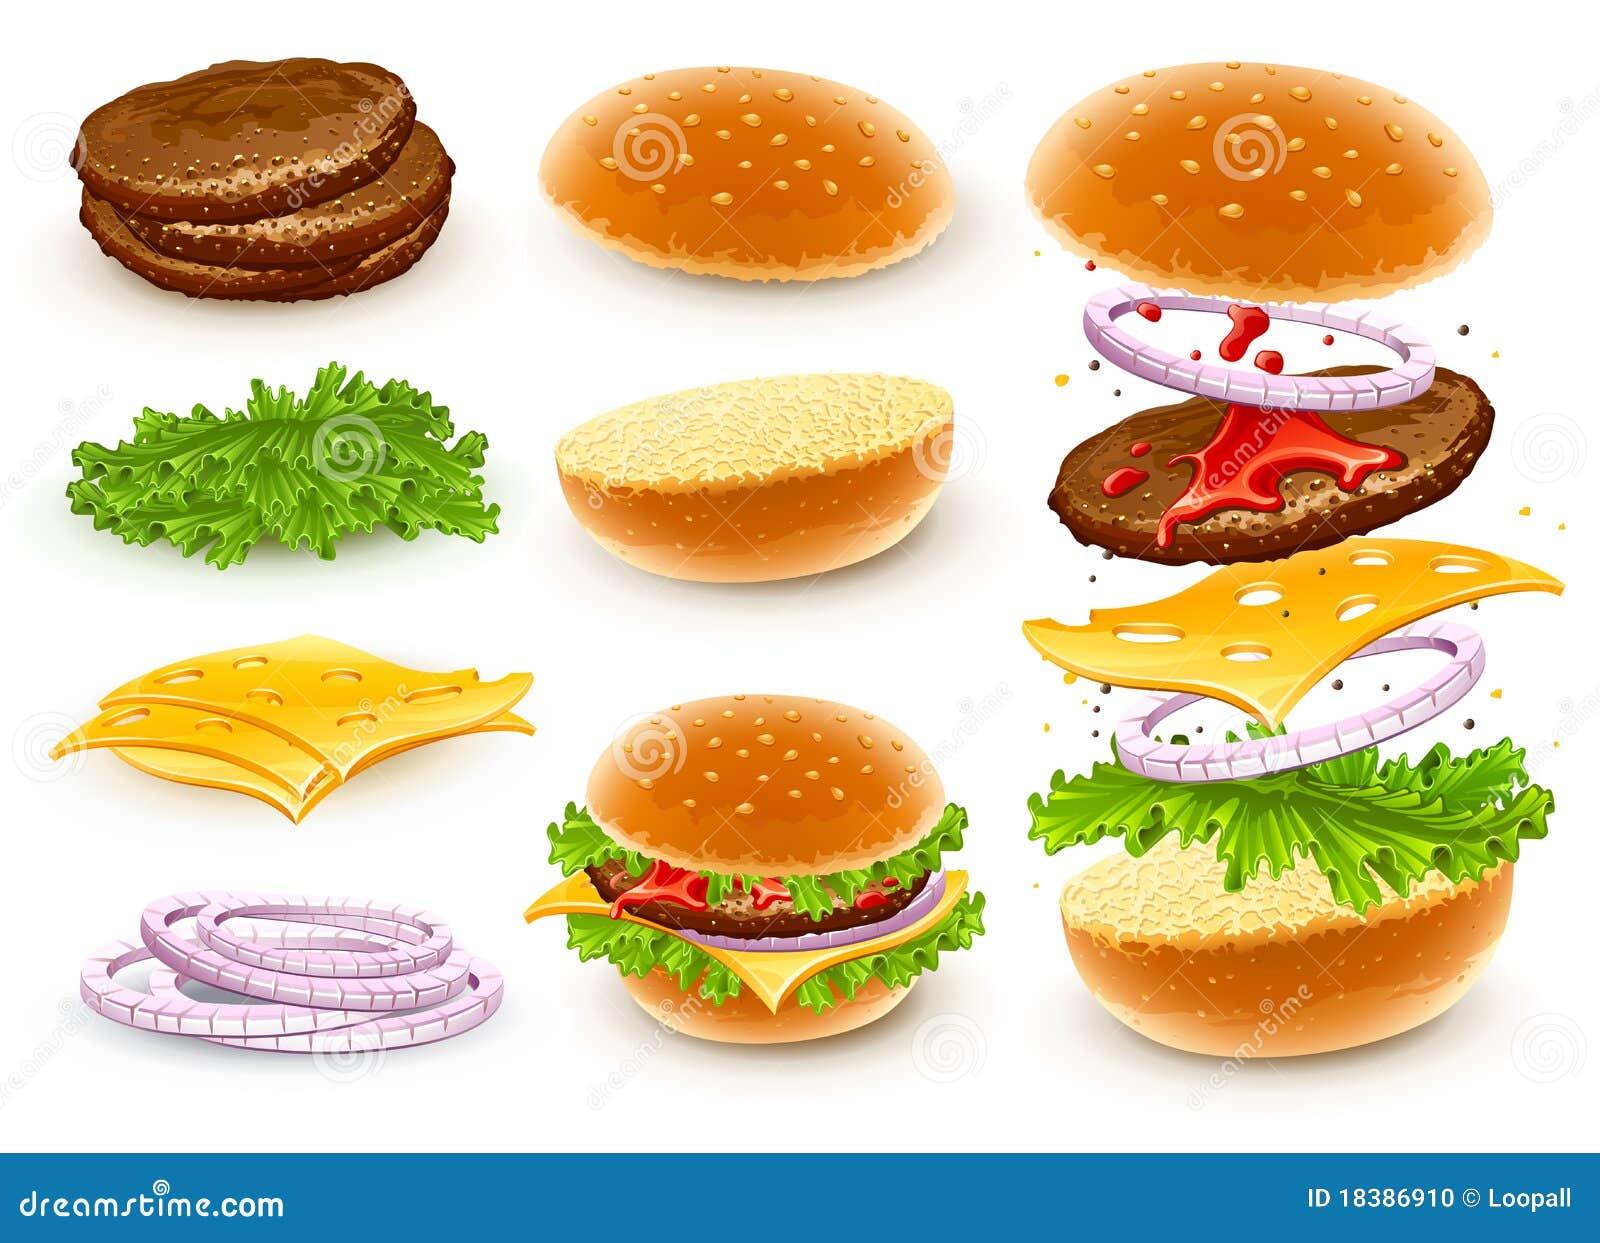 Как в домашних условиях сделать гамбургер